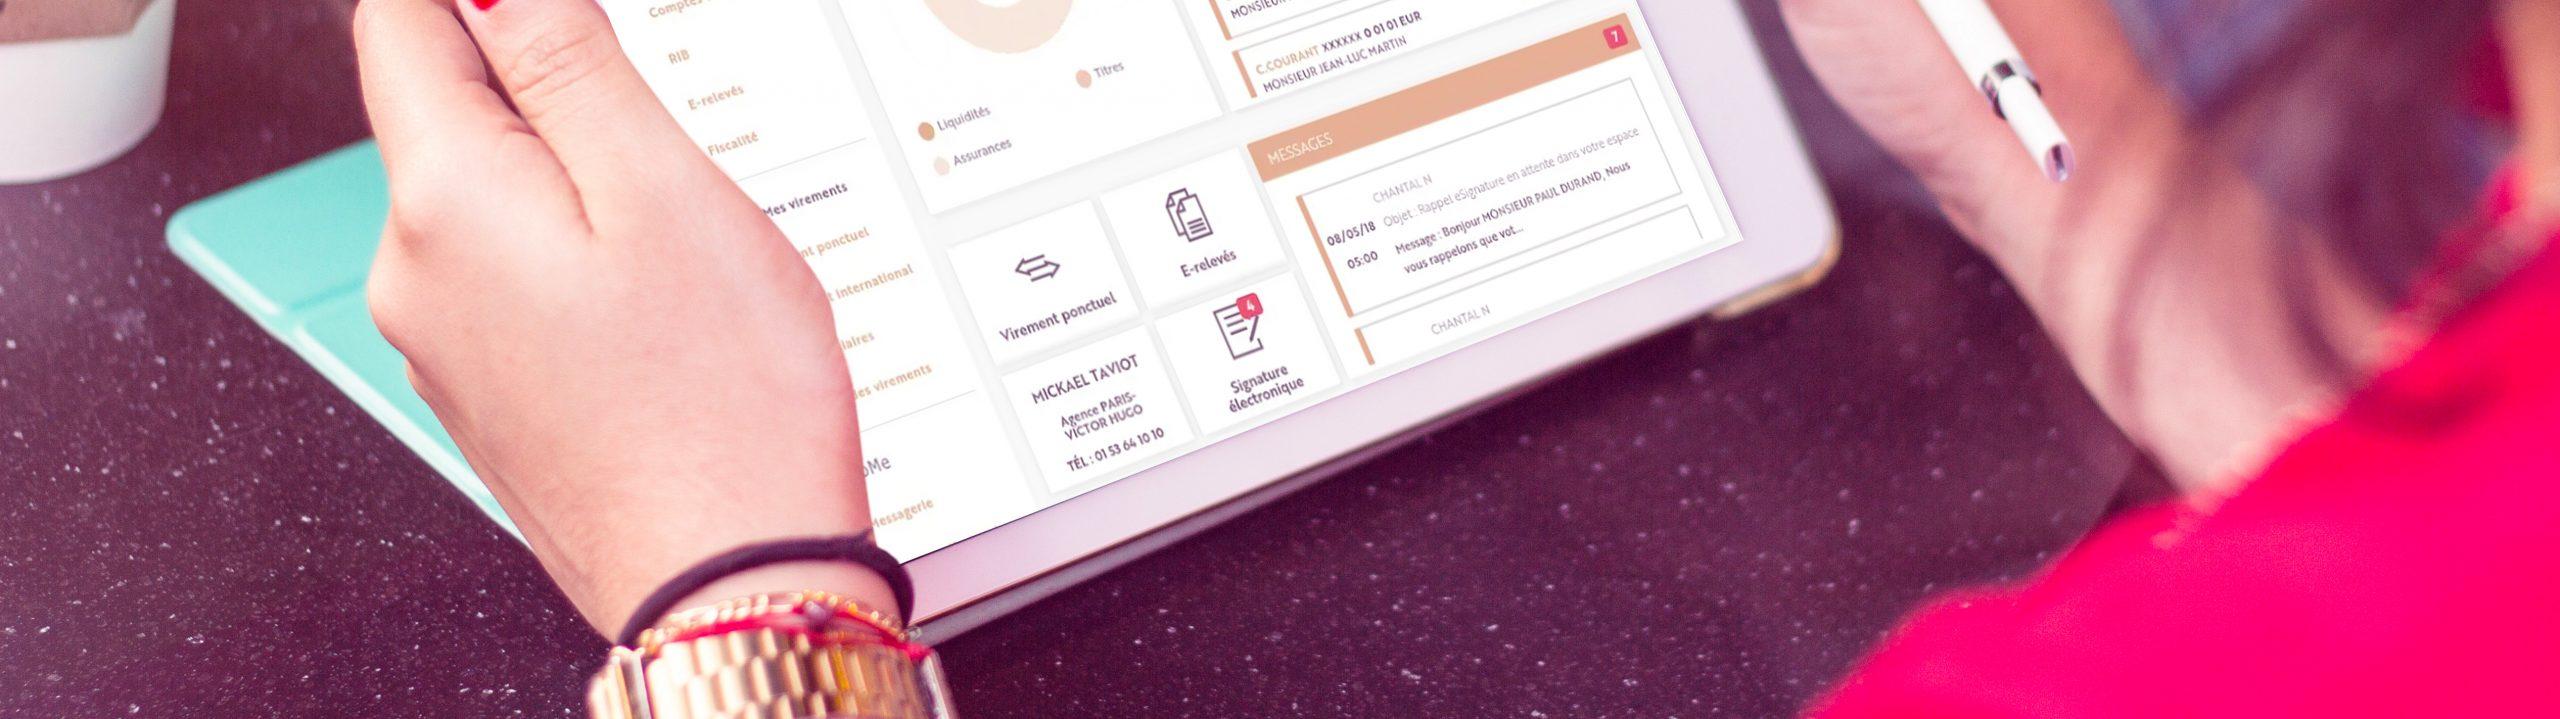 Ebook InfleXsys Le Enjeux de la Digitalisation dans le Secteur Bancaire - A la découverte de services bancaires innovants et/ou différenciants